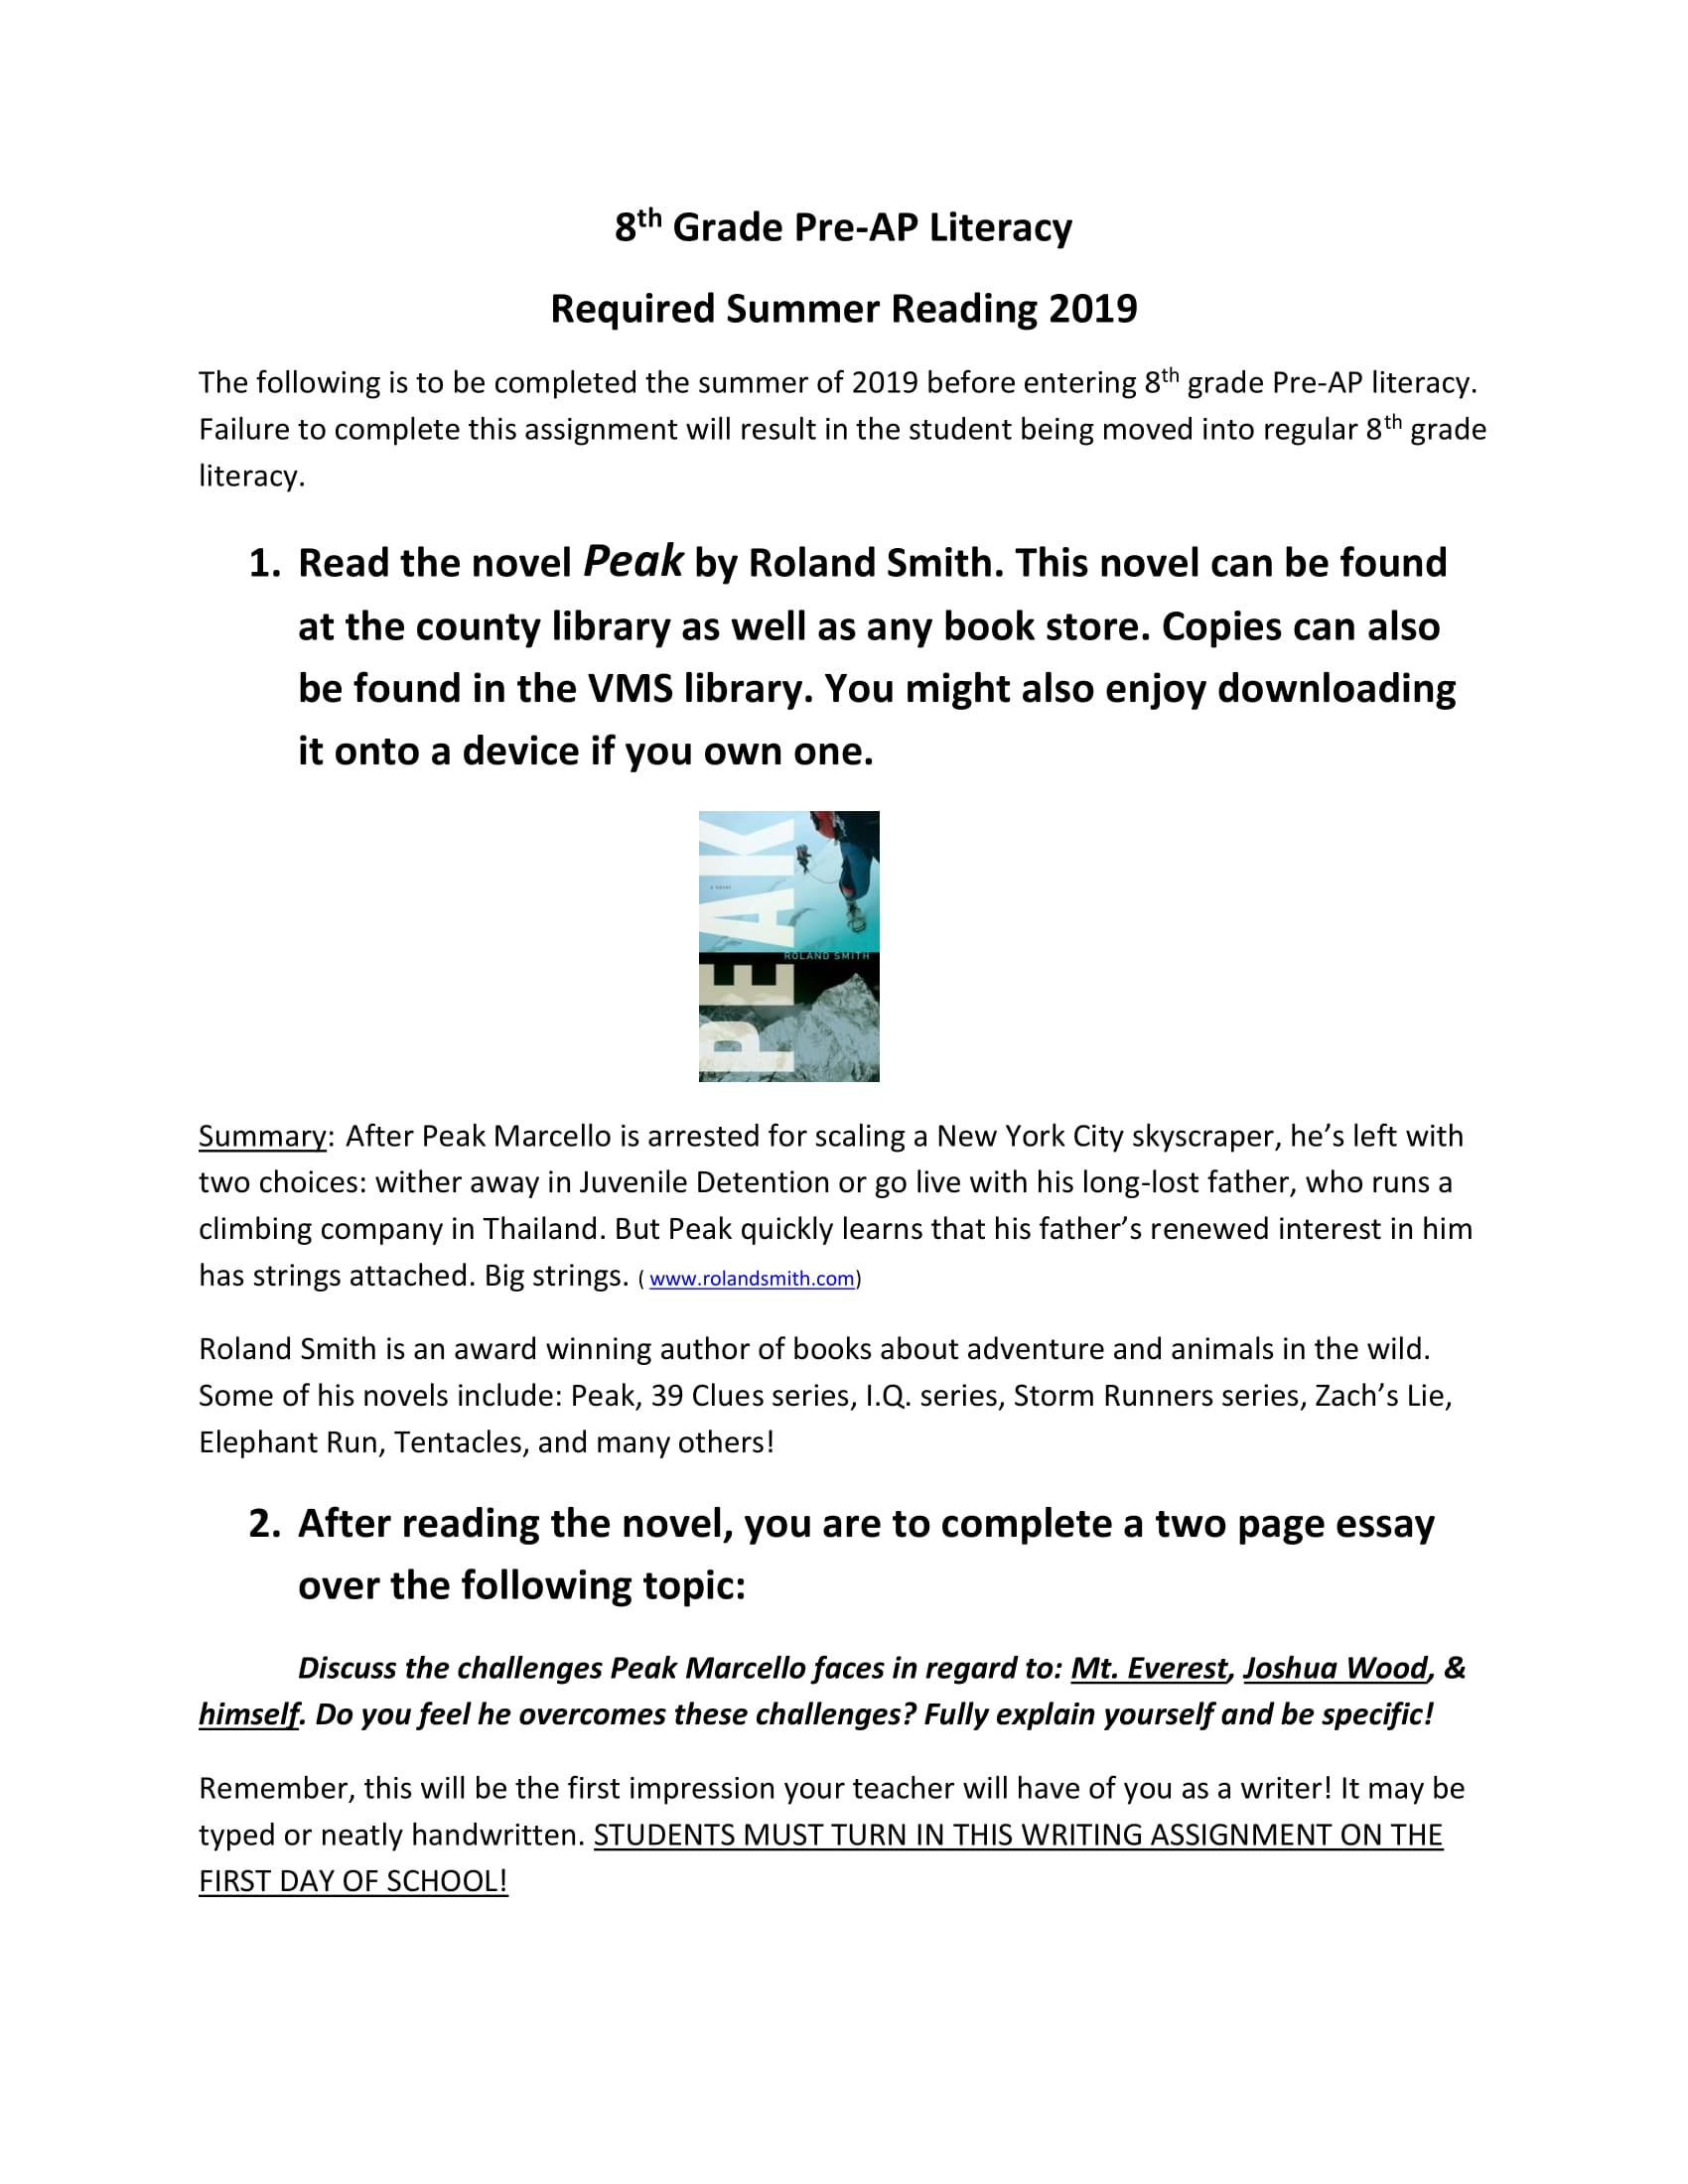 Pre-AP summer Reading Peak handout.jpg